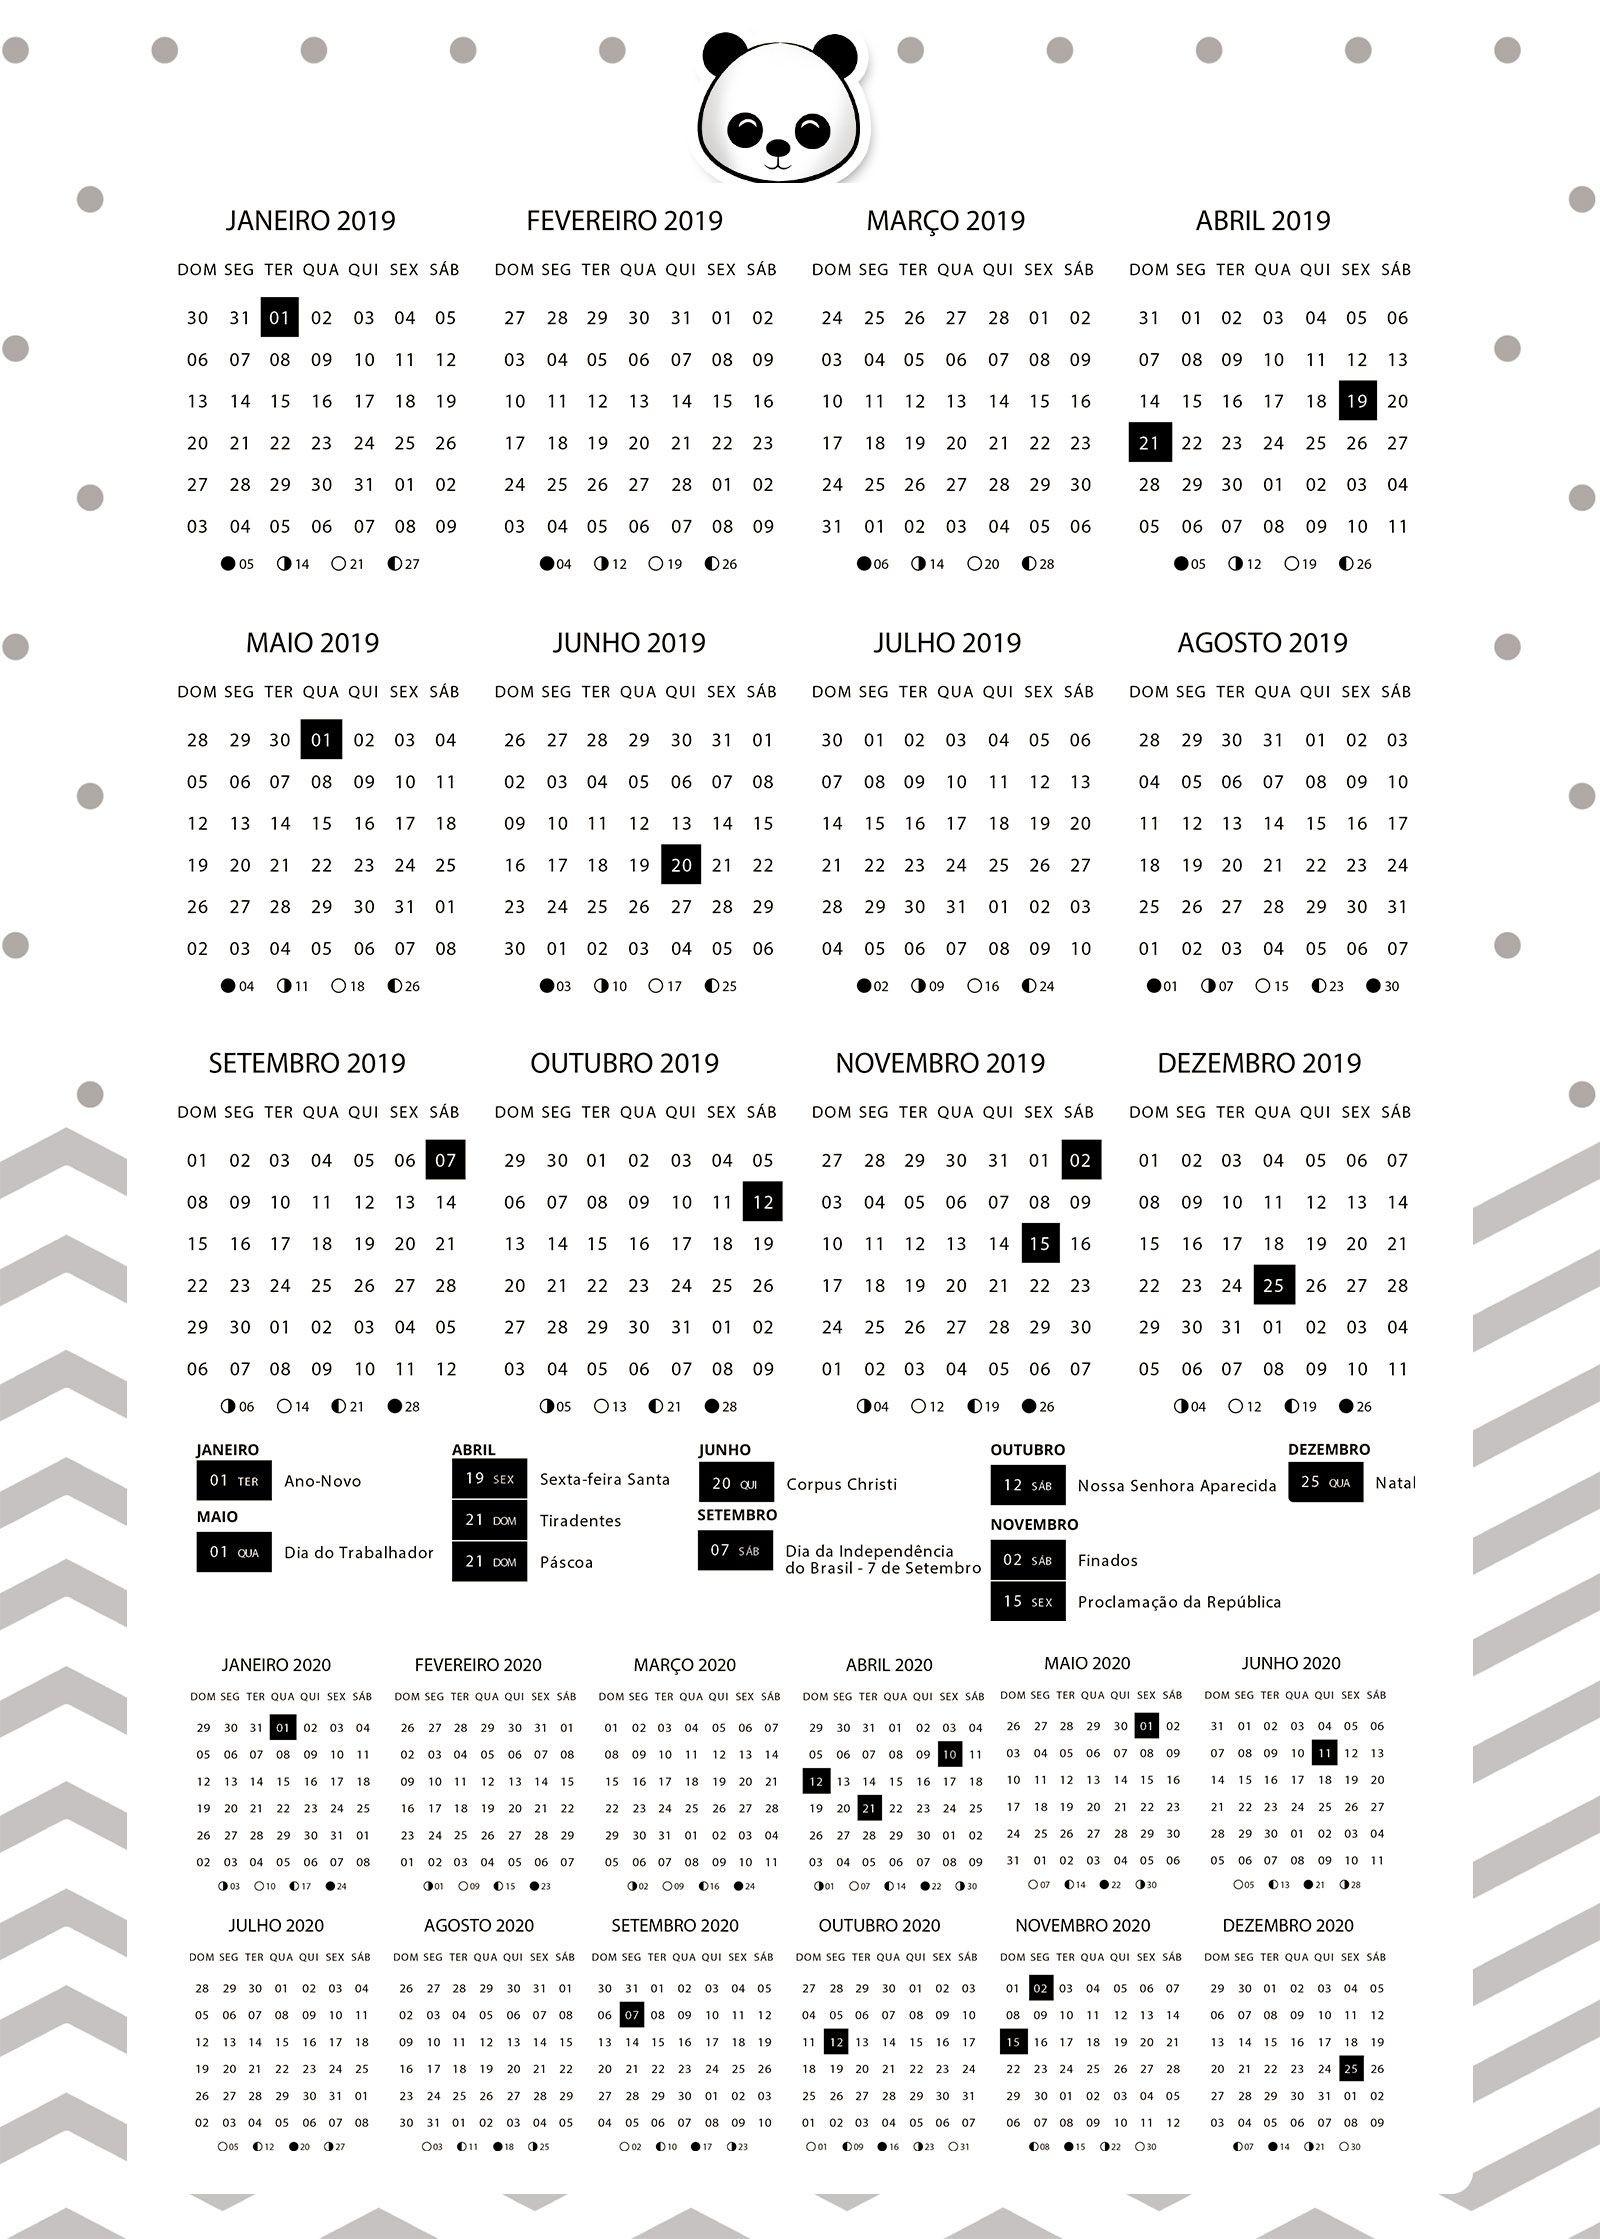 Calendario 2019 Junho Más Arriba-a-fecha Planner 2019 Panda Menino Calendario 2019 E 2020 Of Calendario 2019 Junho Más Arriba-a-fecha Municpio Das Lajes Do Pico Download Agenda